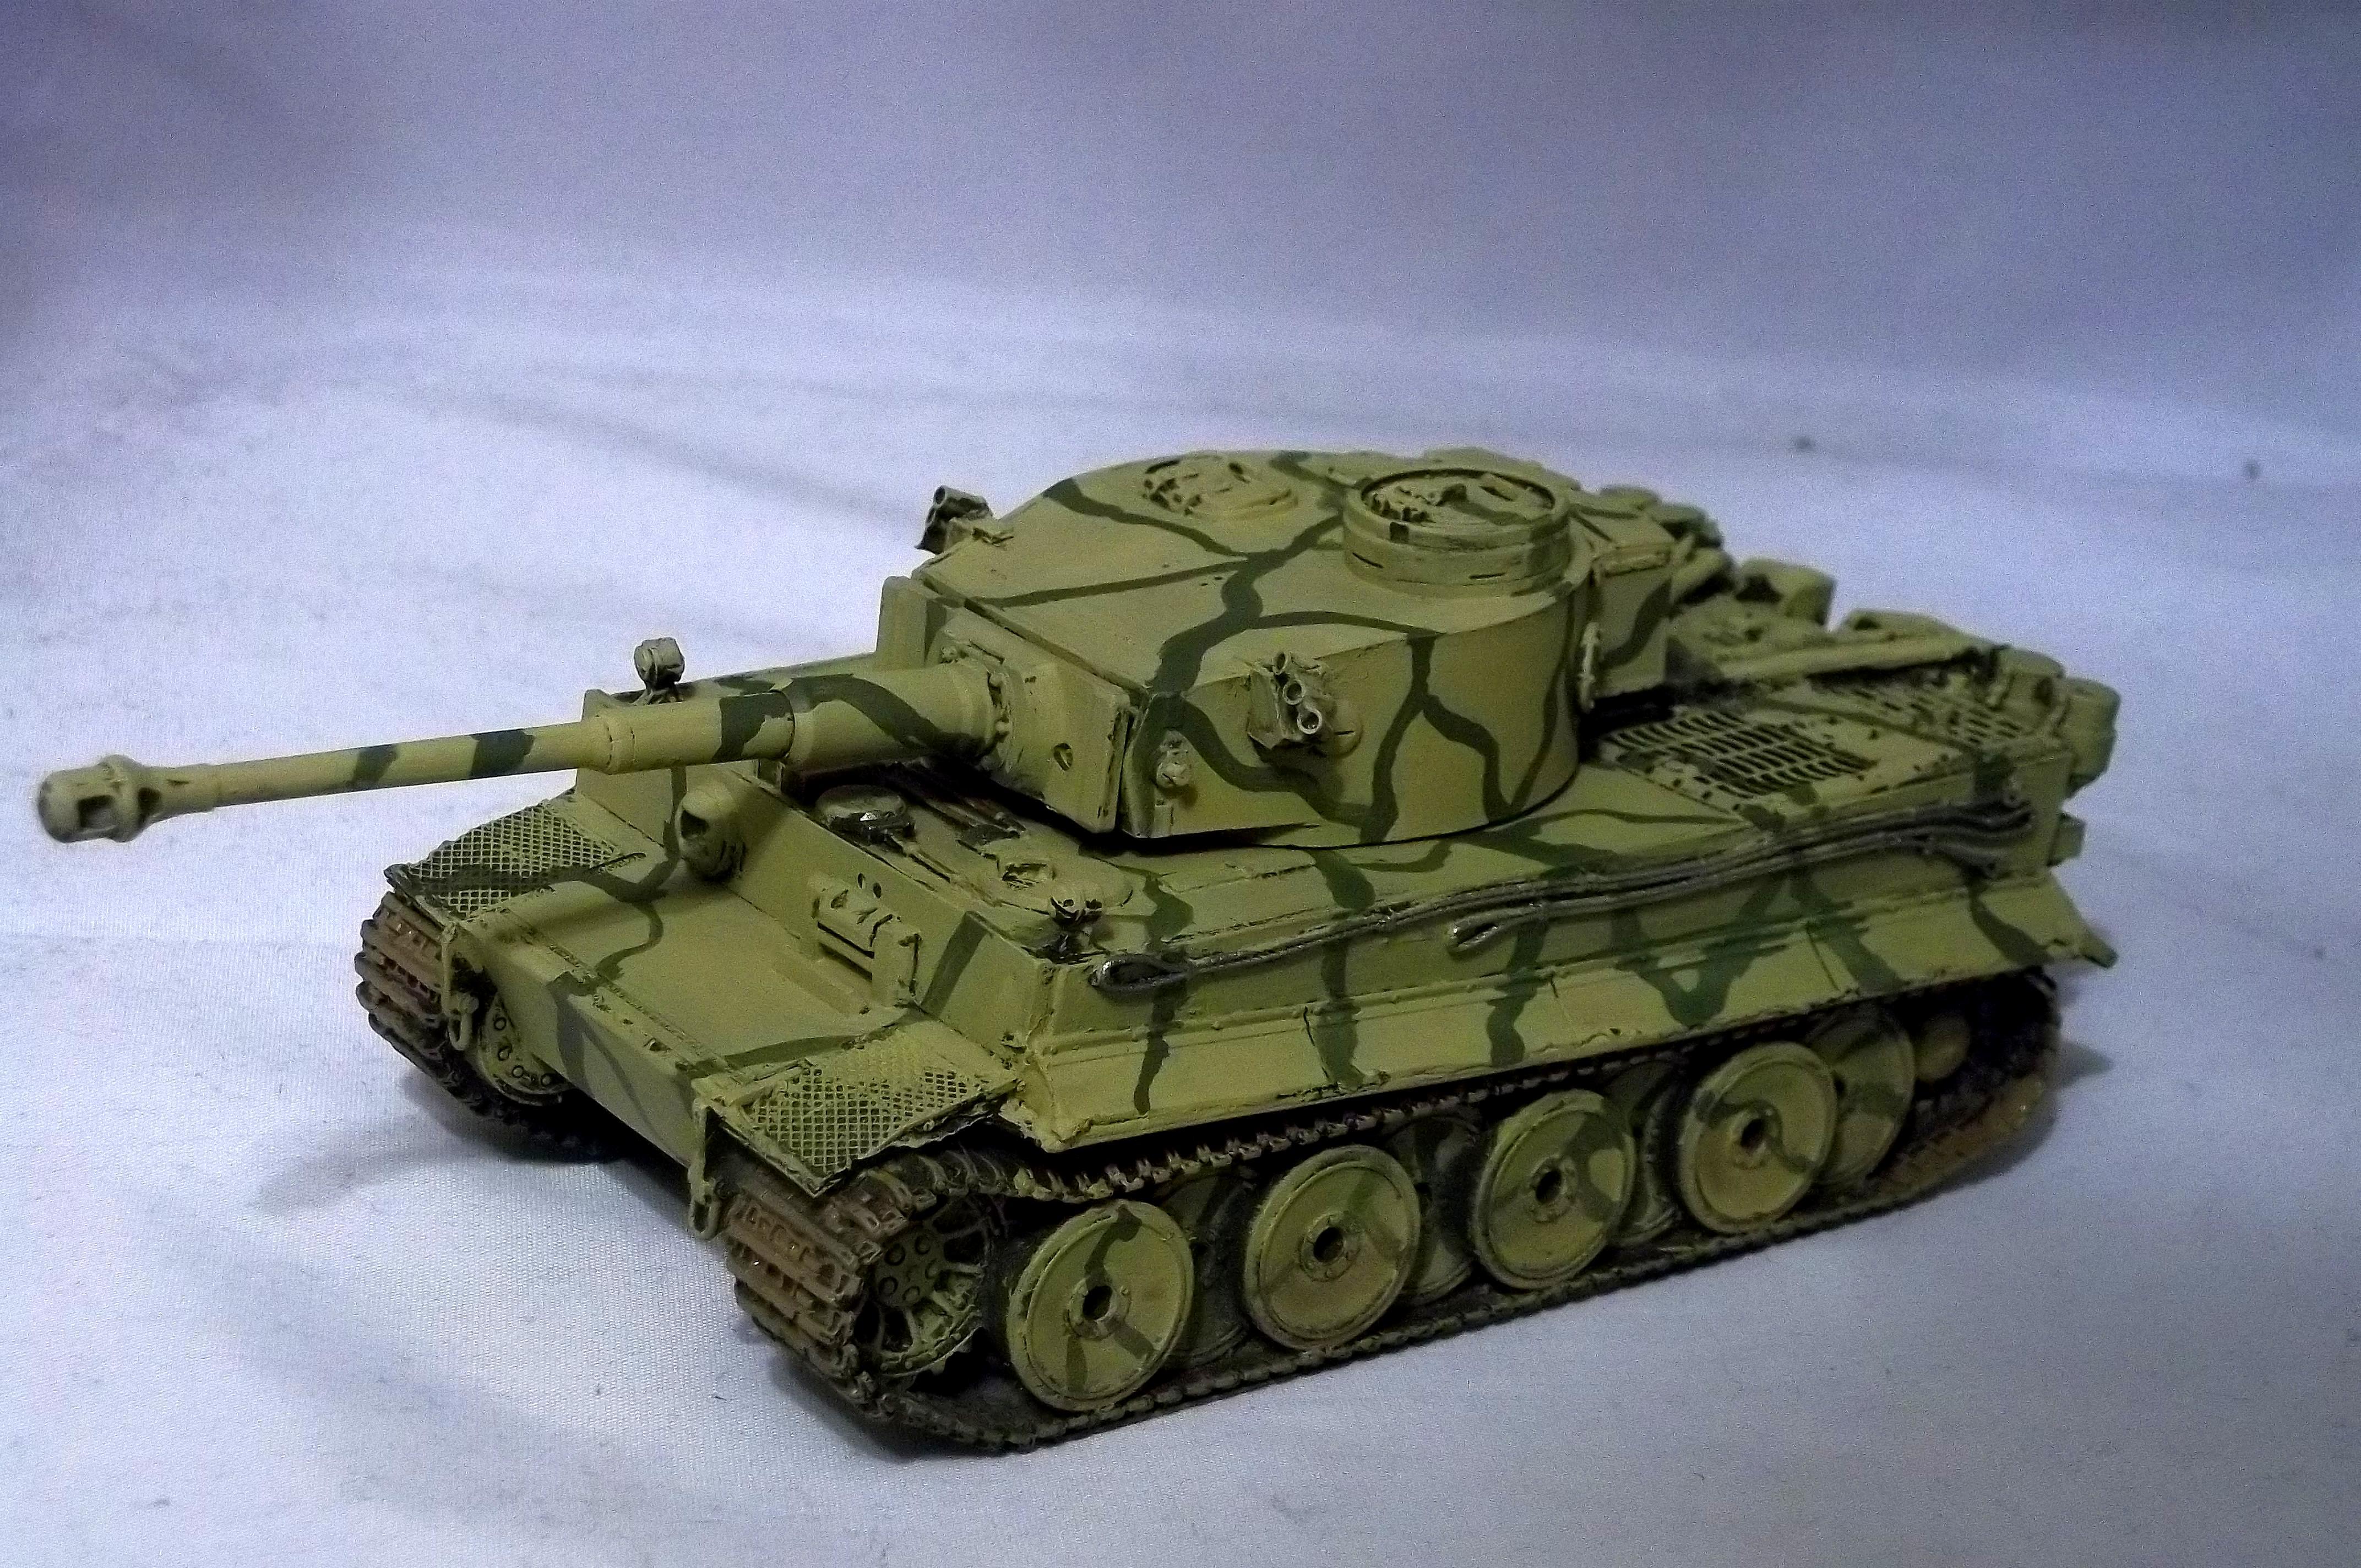 Bolt Action, Tiger Tank, Tutorial, World War 2